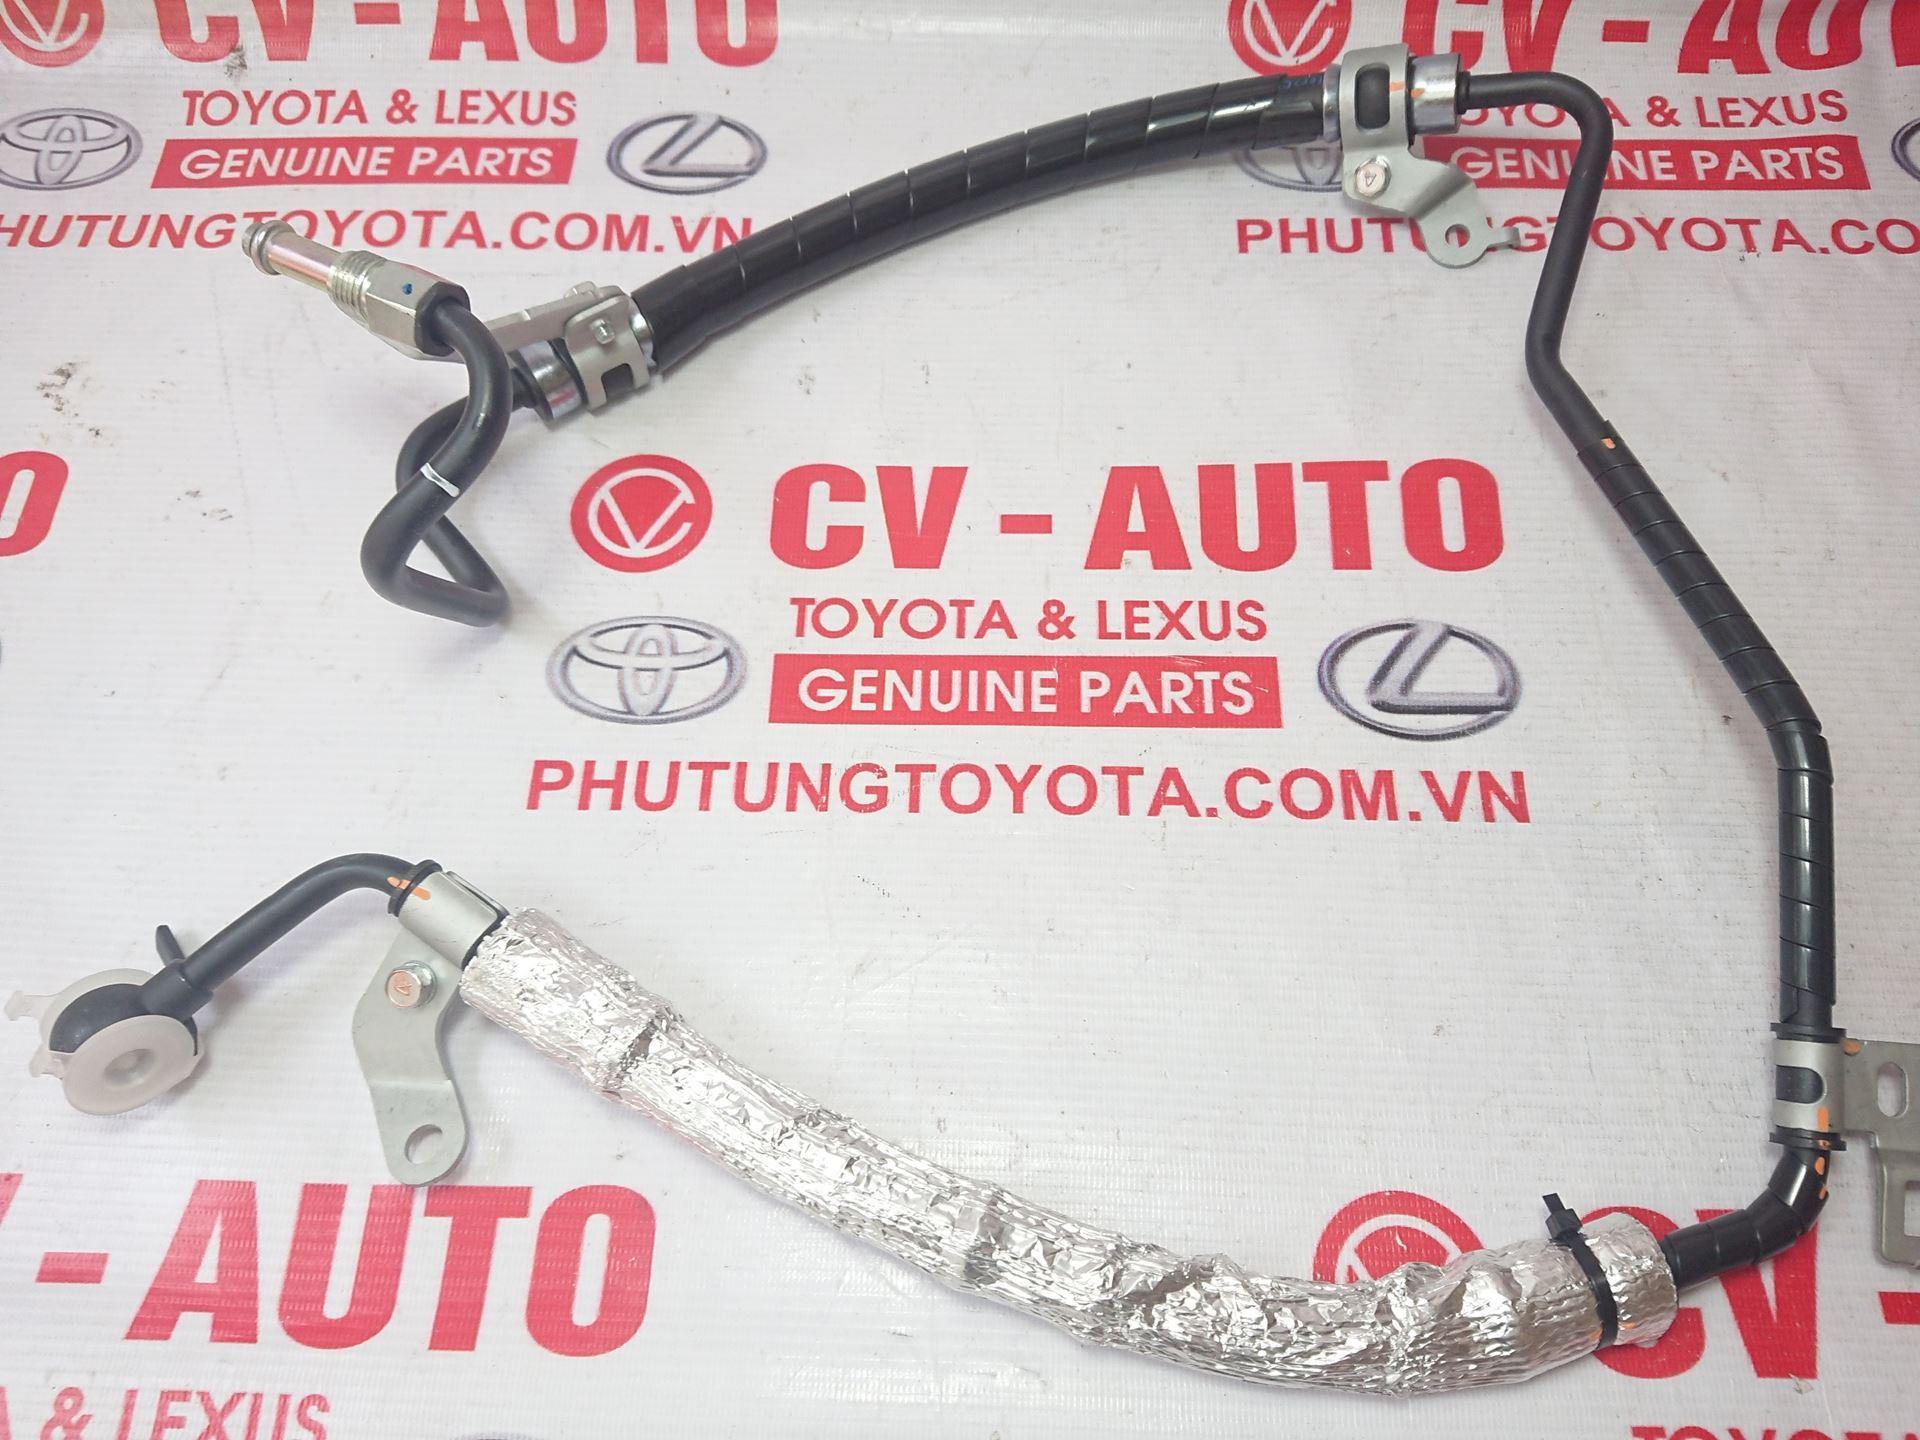 Picture of 44410-0E020 44410-0E021 44410-48180 Ống dầu trợ lực lái Lexus RX330/350 hàng chính hãng